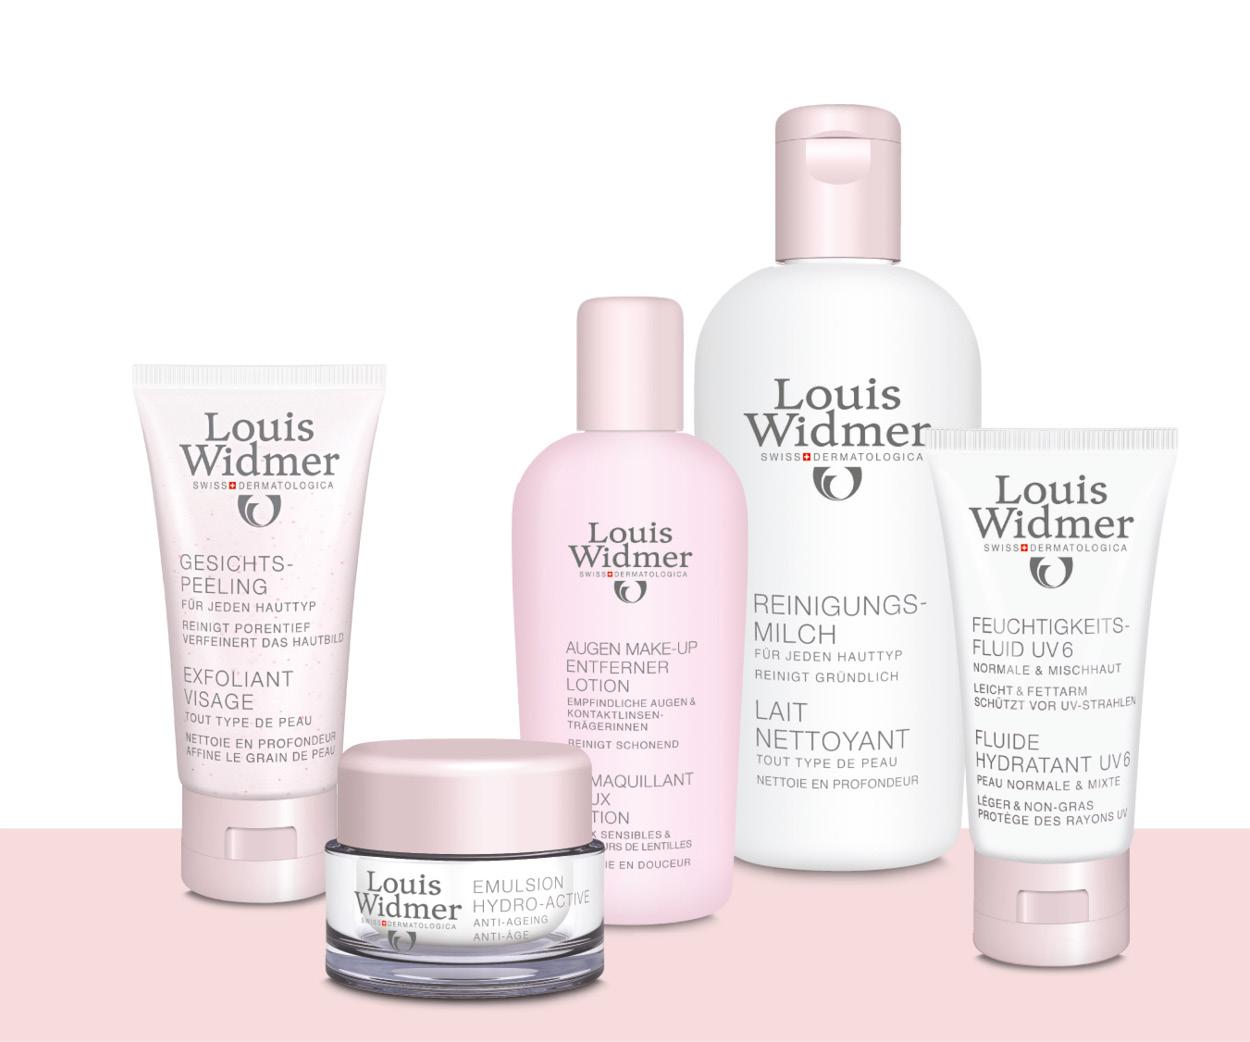 LOUIS WIDMER - Louis Widmer Produkte jetzt günstig kaufen  LOUIS WIDMER - ...